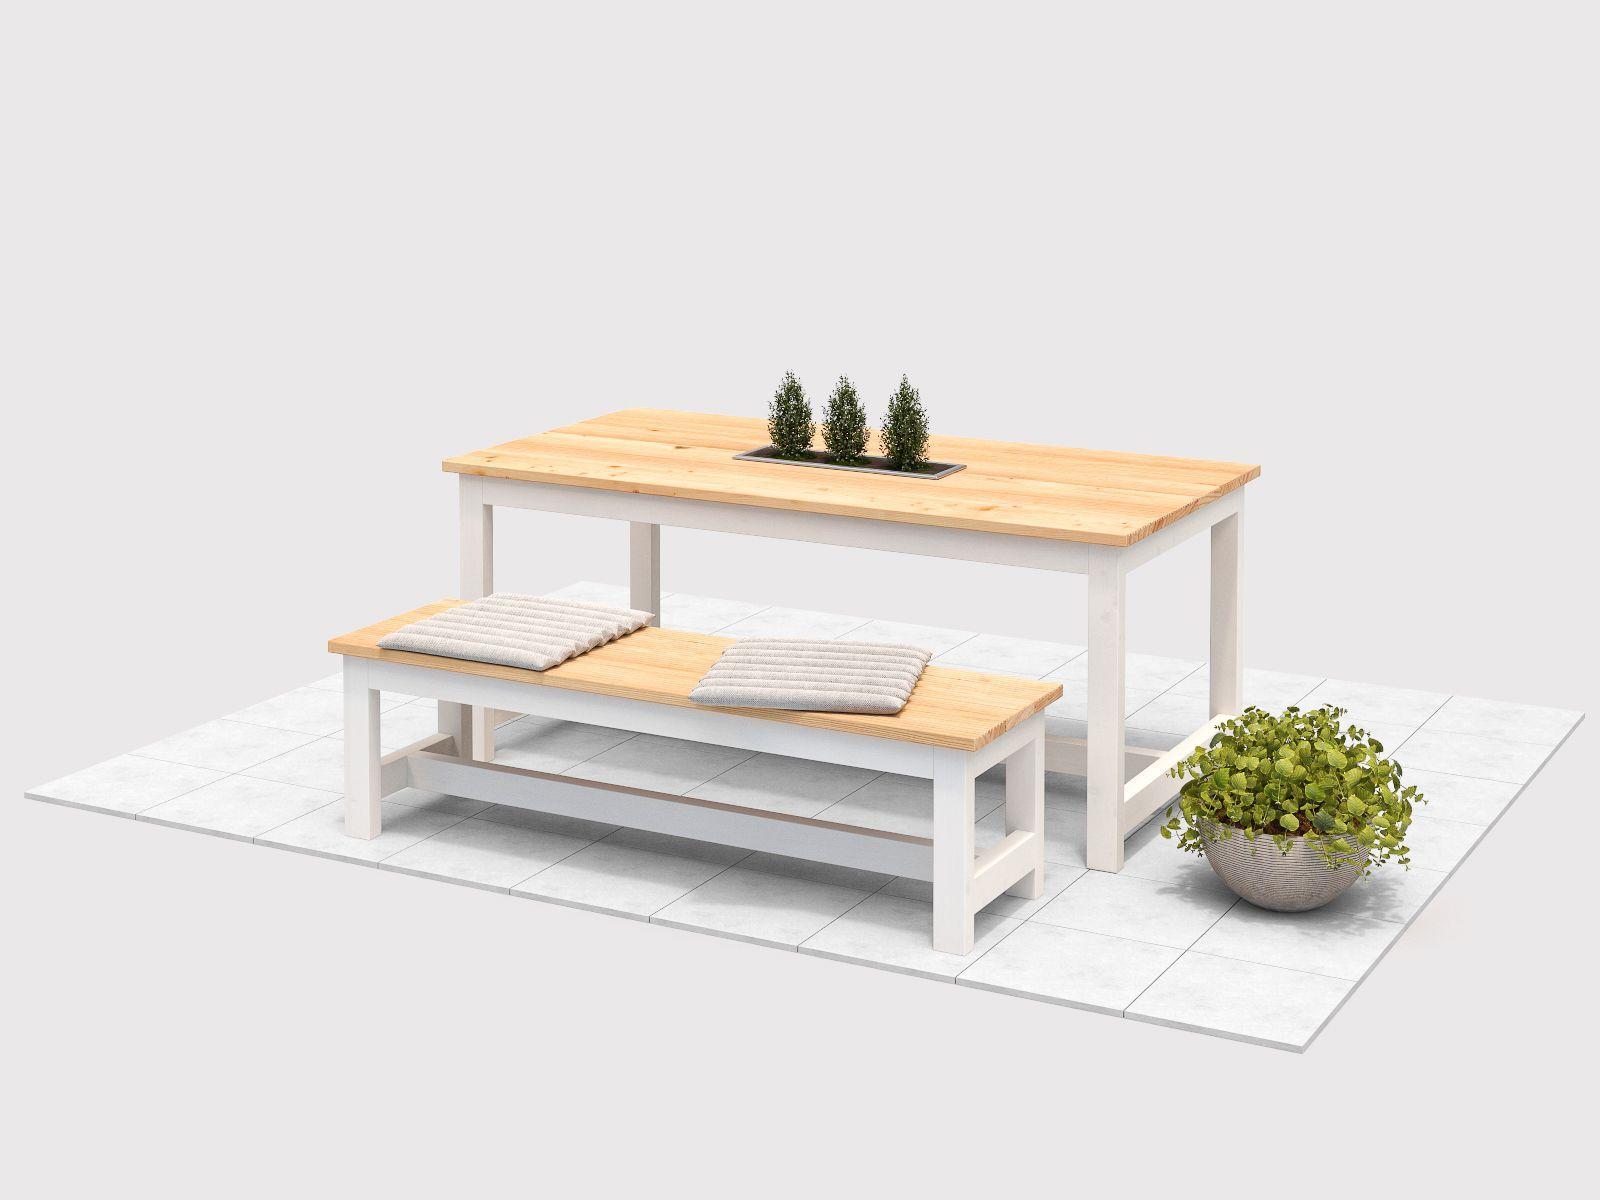 Gartentisch Richard Create By Obi Gartentisch Selber Bauen Esstisch Tisch Selber Bauen